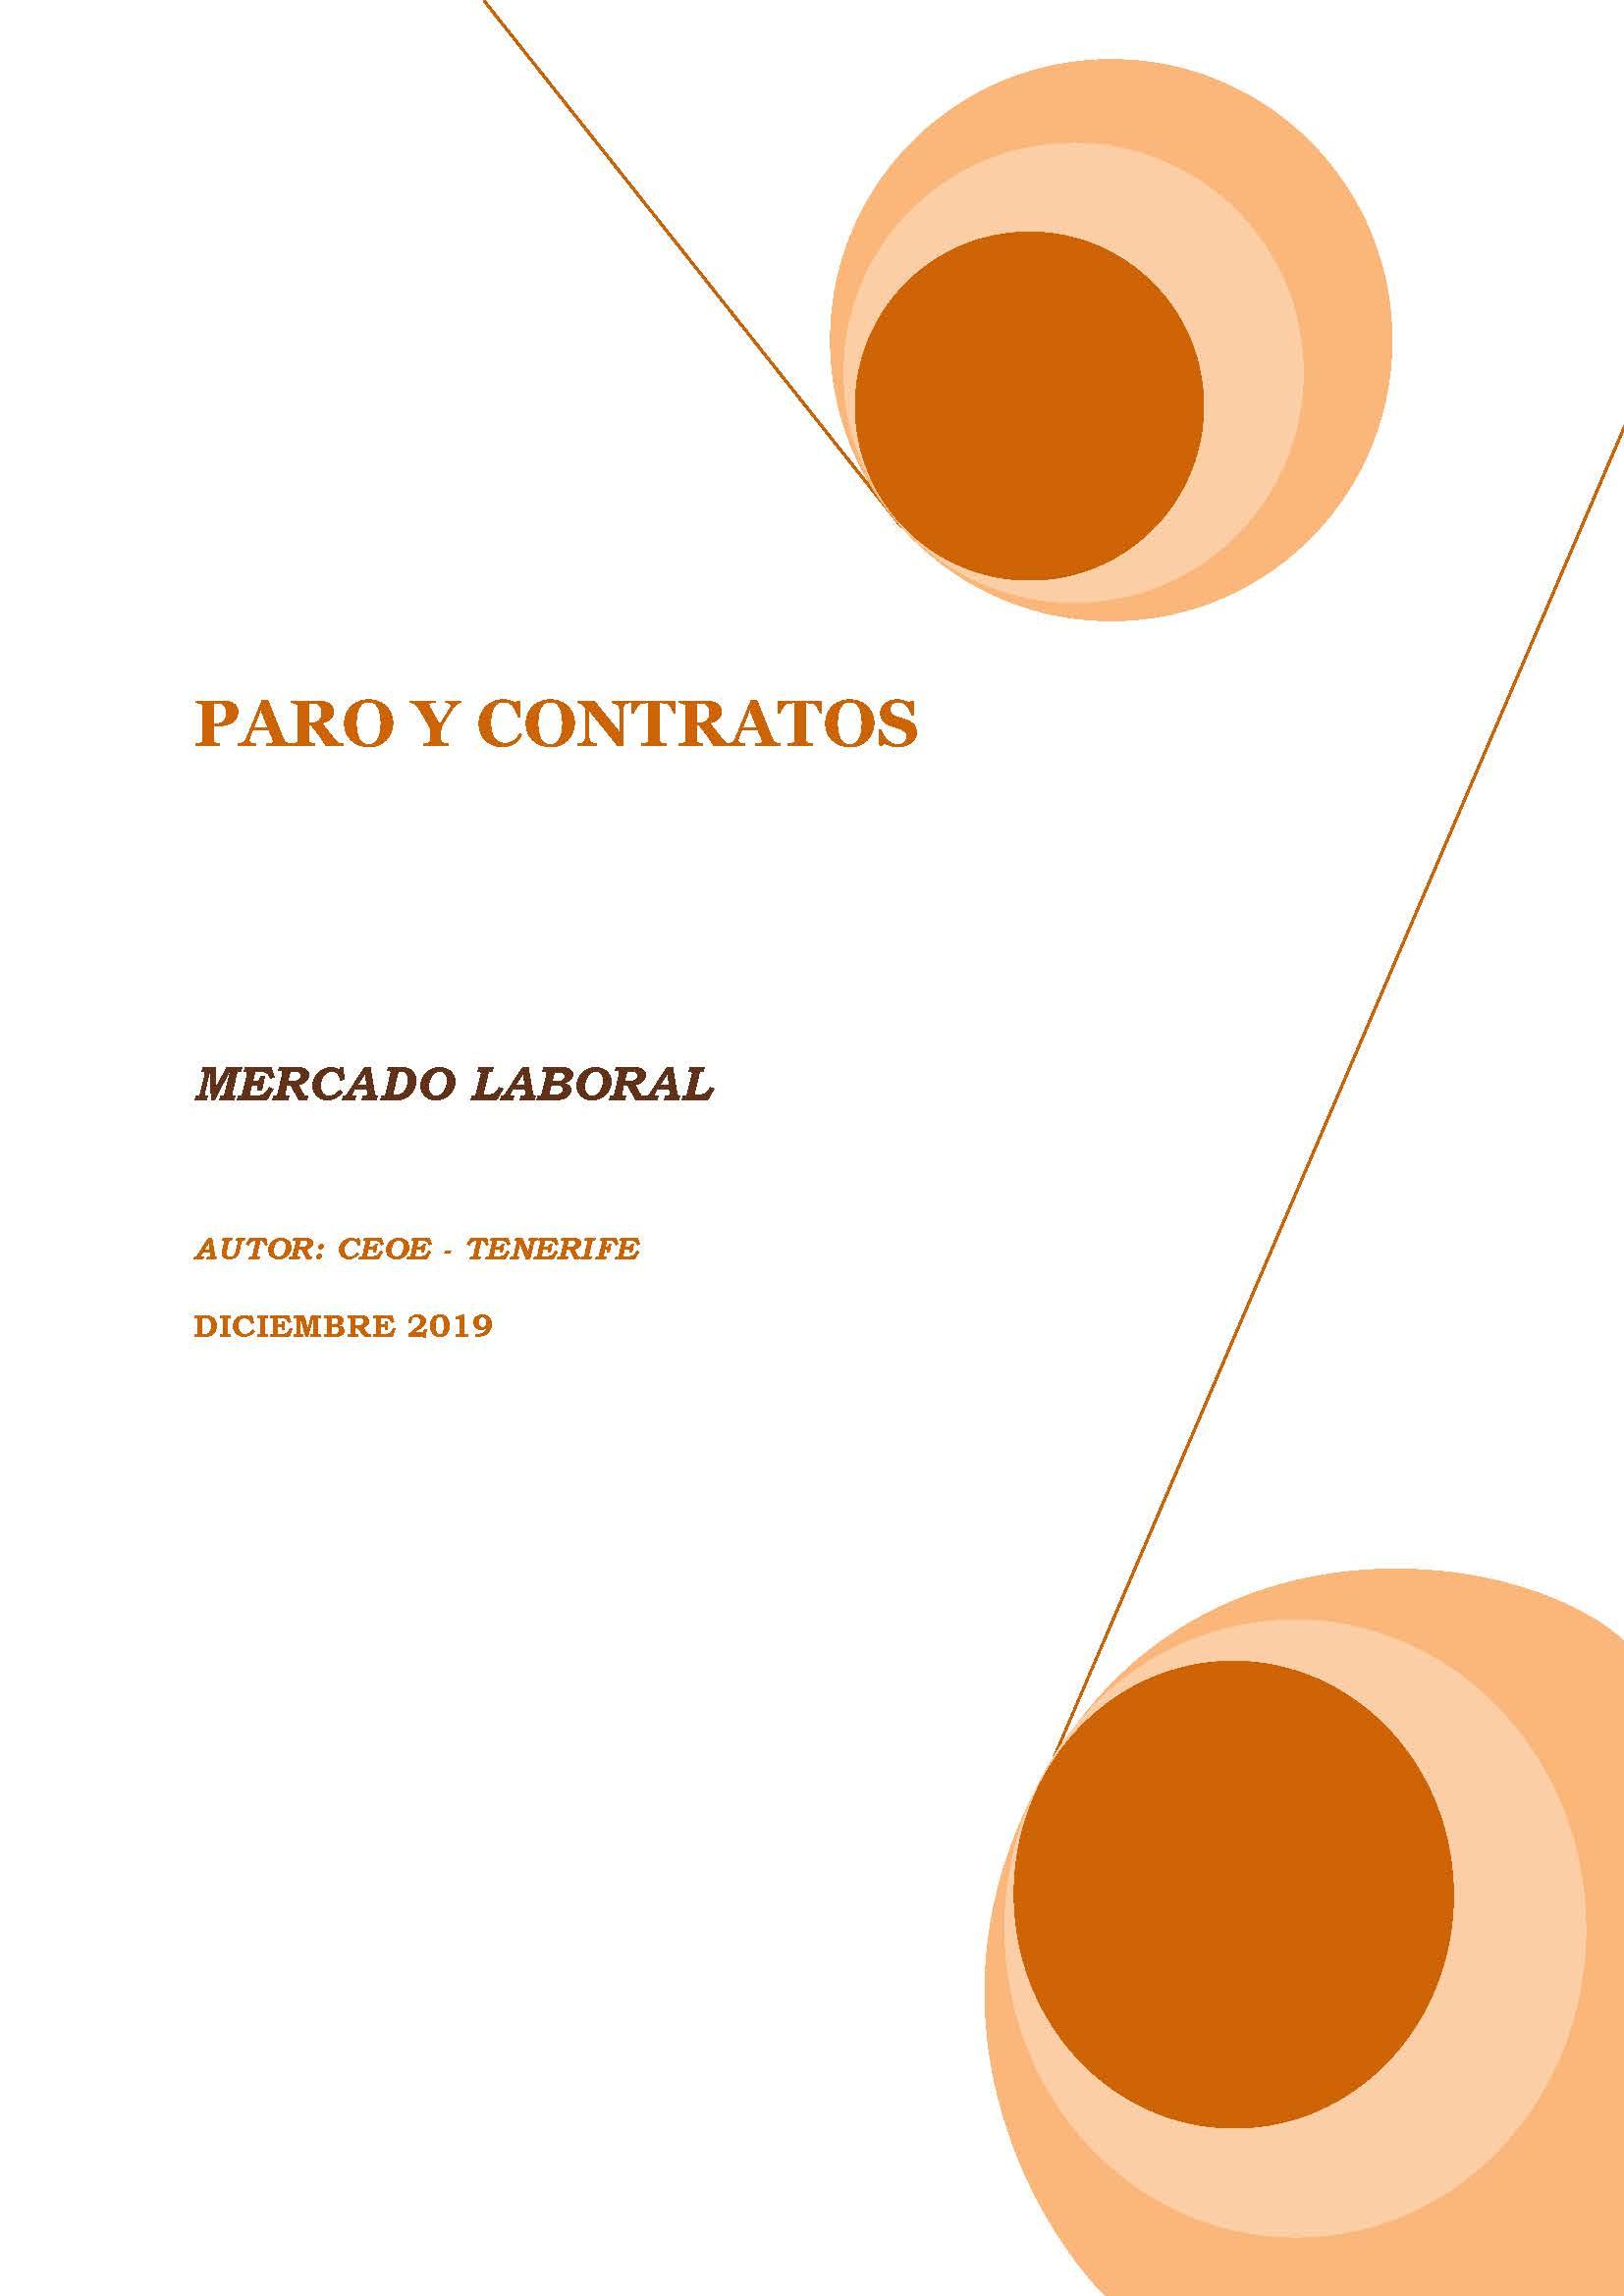 MERCADO LABORAL - PARO Y CONTRATOS DICIEMBRE 2019